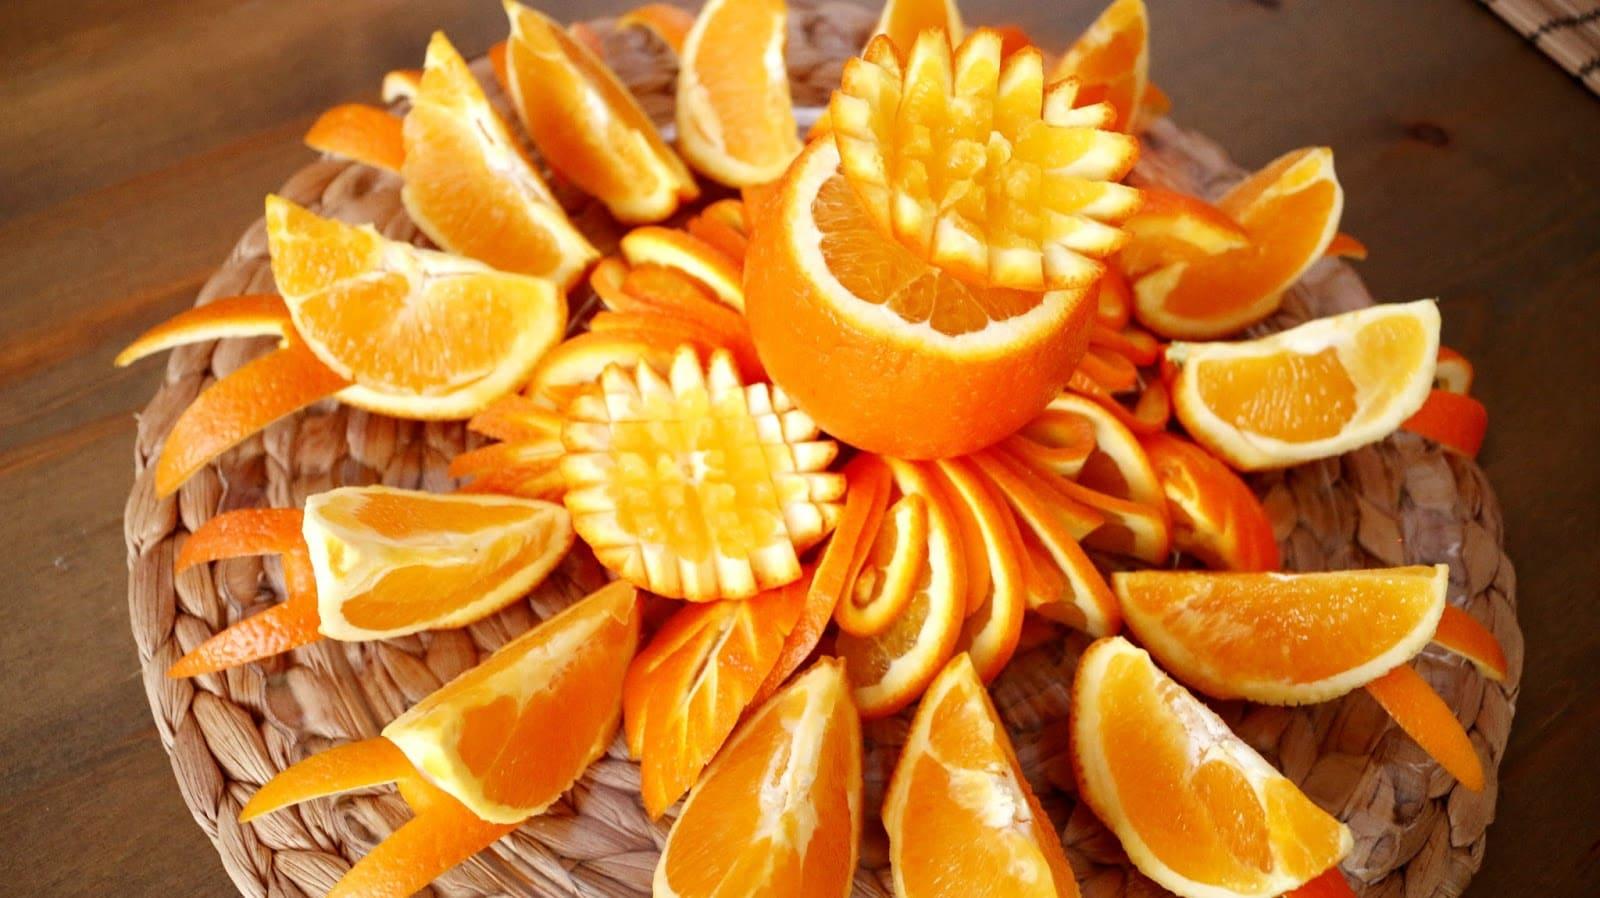 Яблыкі і апельсіны. Фігурная нарэзка апельсінаў.